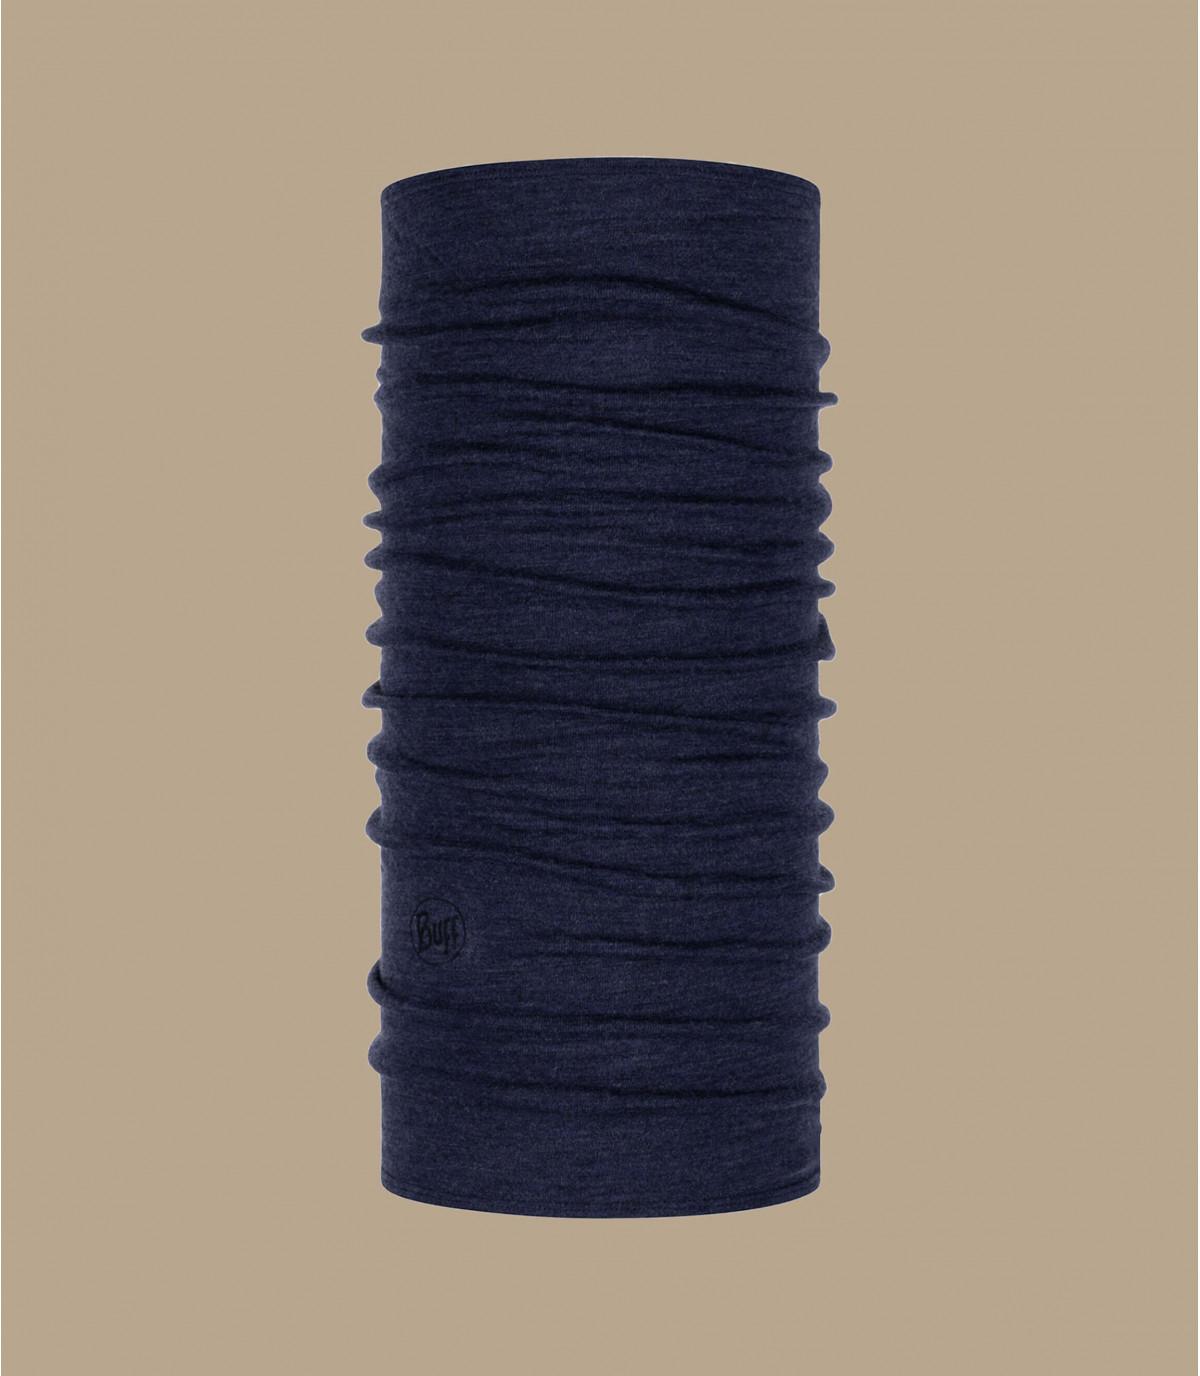 Buff lana mérino azul jaspeado